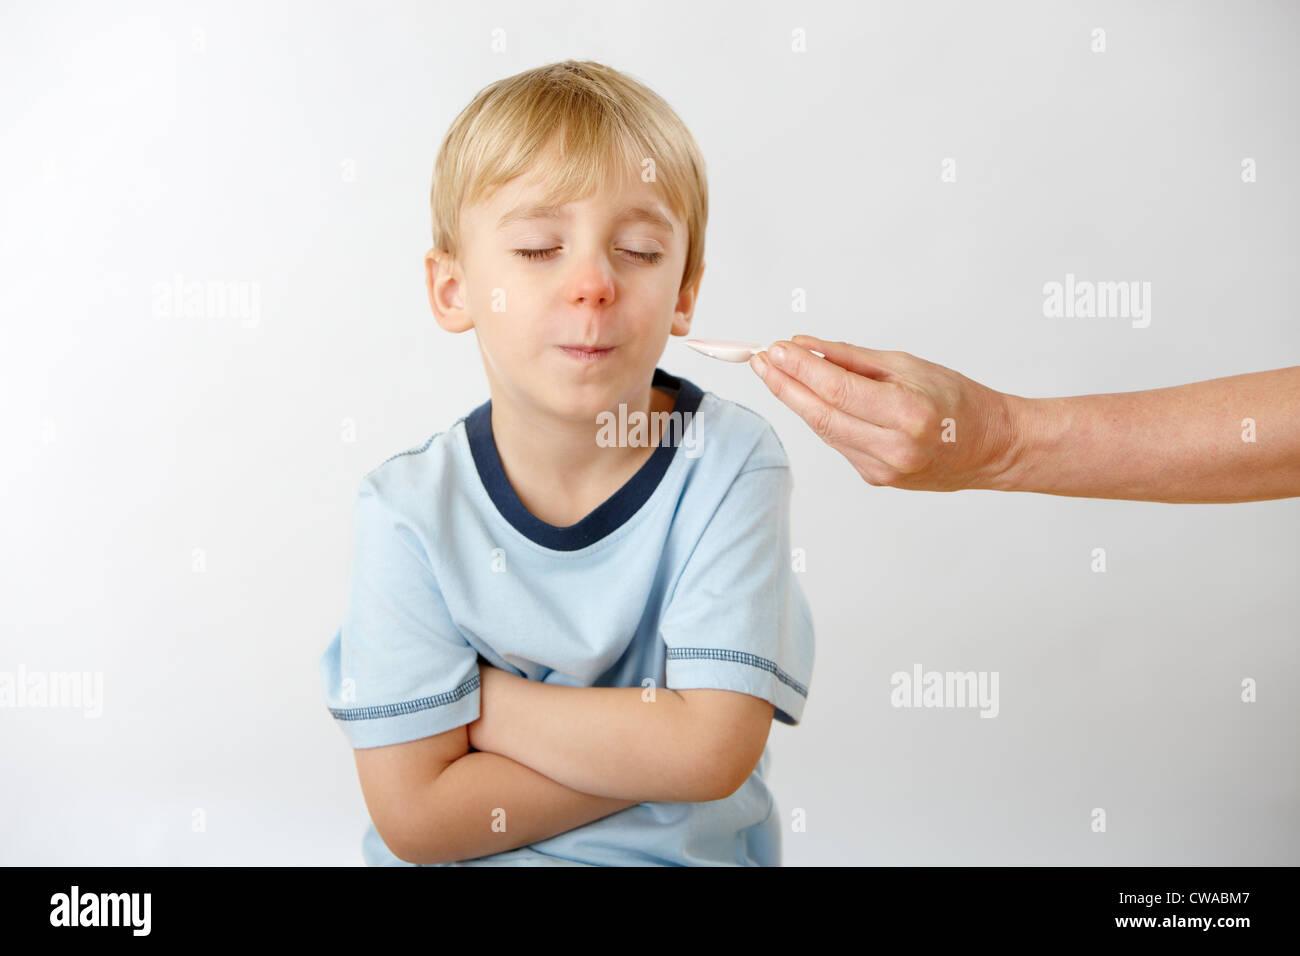 Fils de parents essayant de donner médecine, garçon refusant Photo Stock